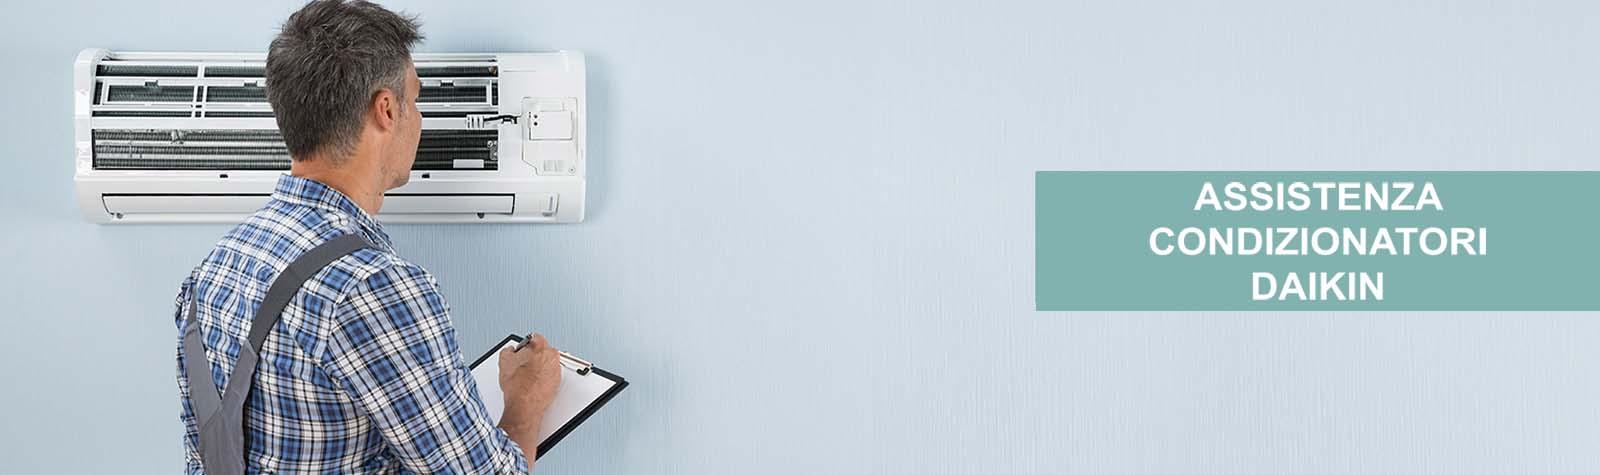 Installazione Climatizzatore Daikin Arcore - Contattaci per un preventivo